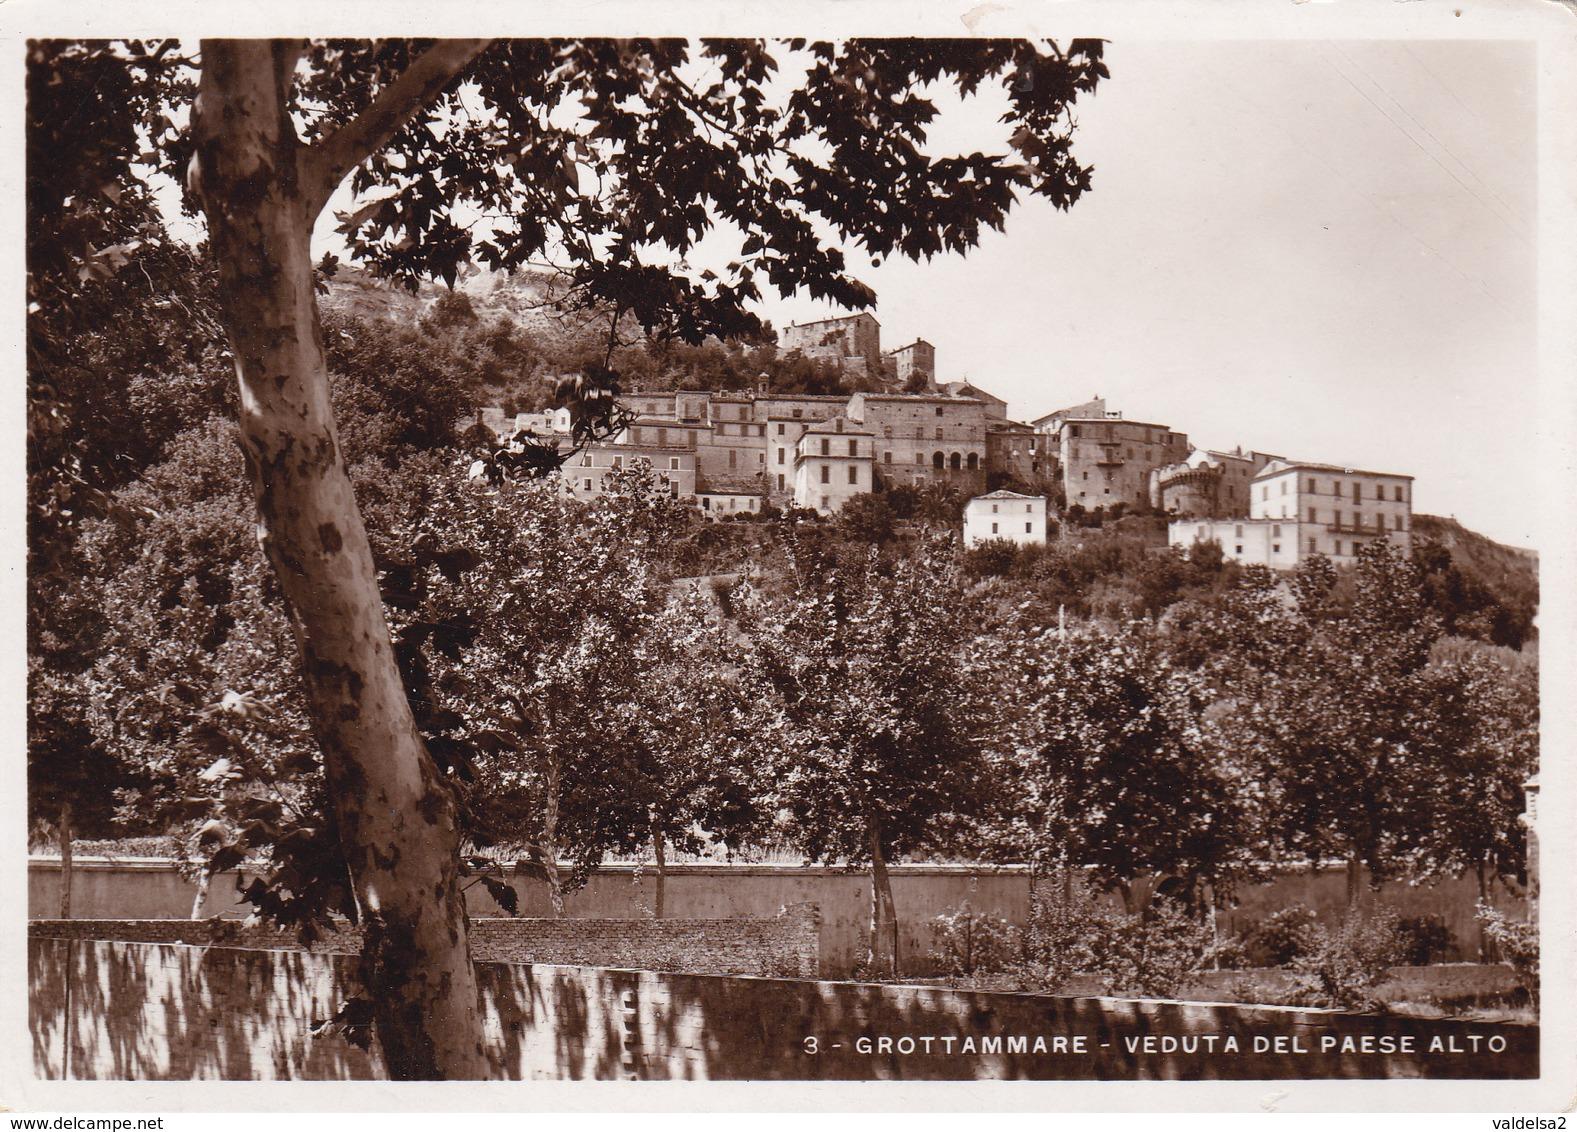 GROTTAMMARE - ASCOLI PICENO - VEDUTA DEL PAESE ALTO - VIAGGIATA NEL 1941 - Ascoli Piceno